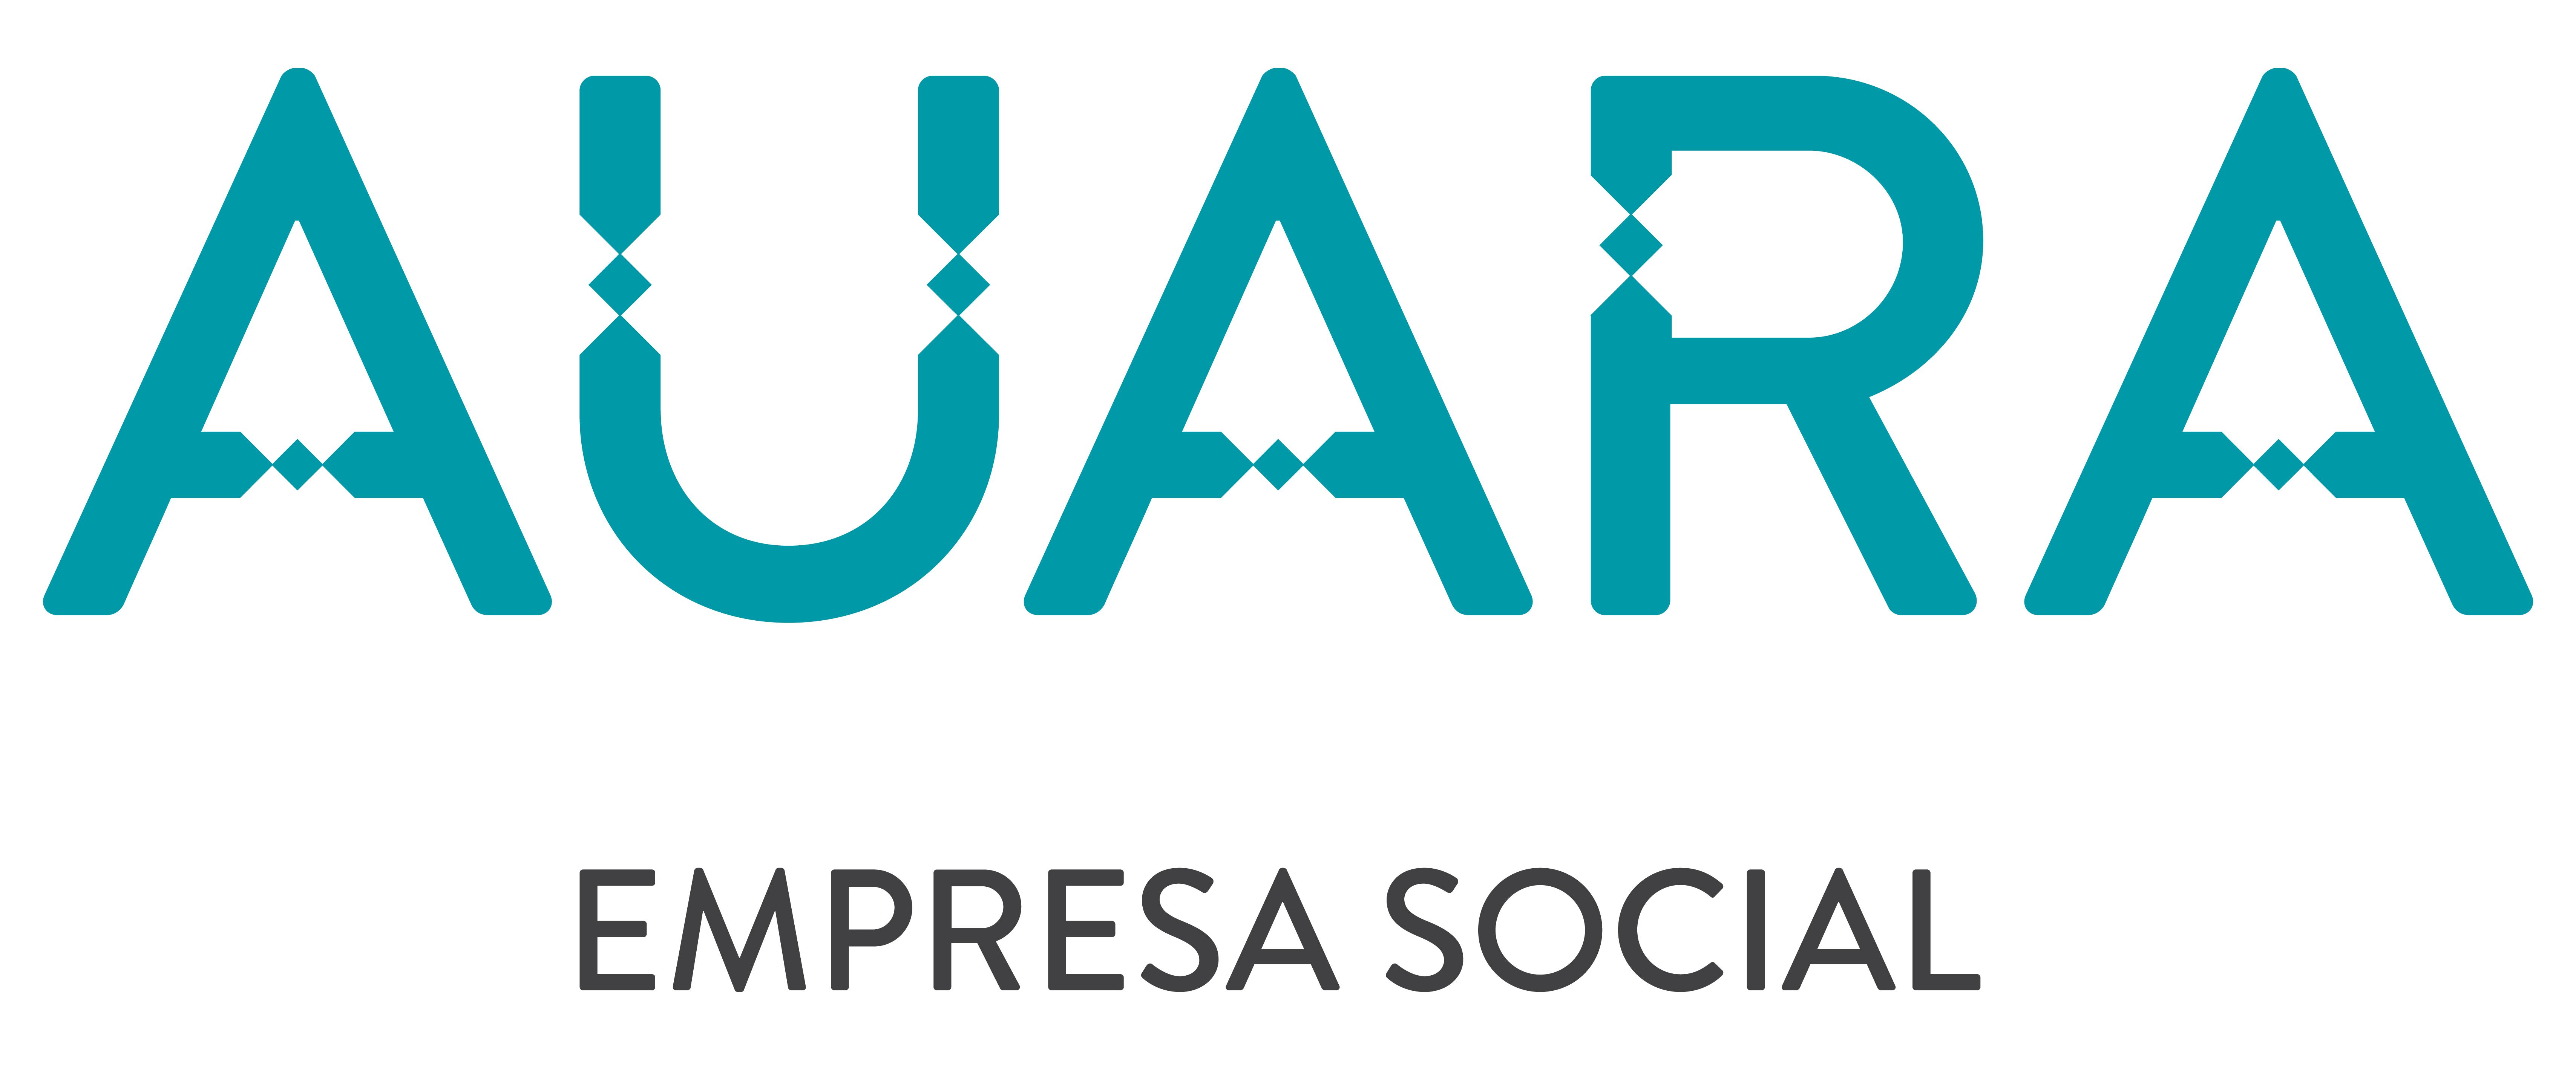 Social enterprise, Research paper Sample - tete-de-moine com